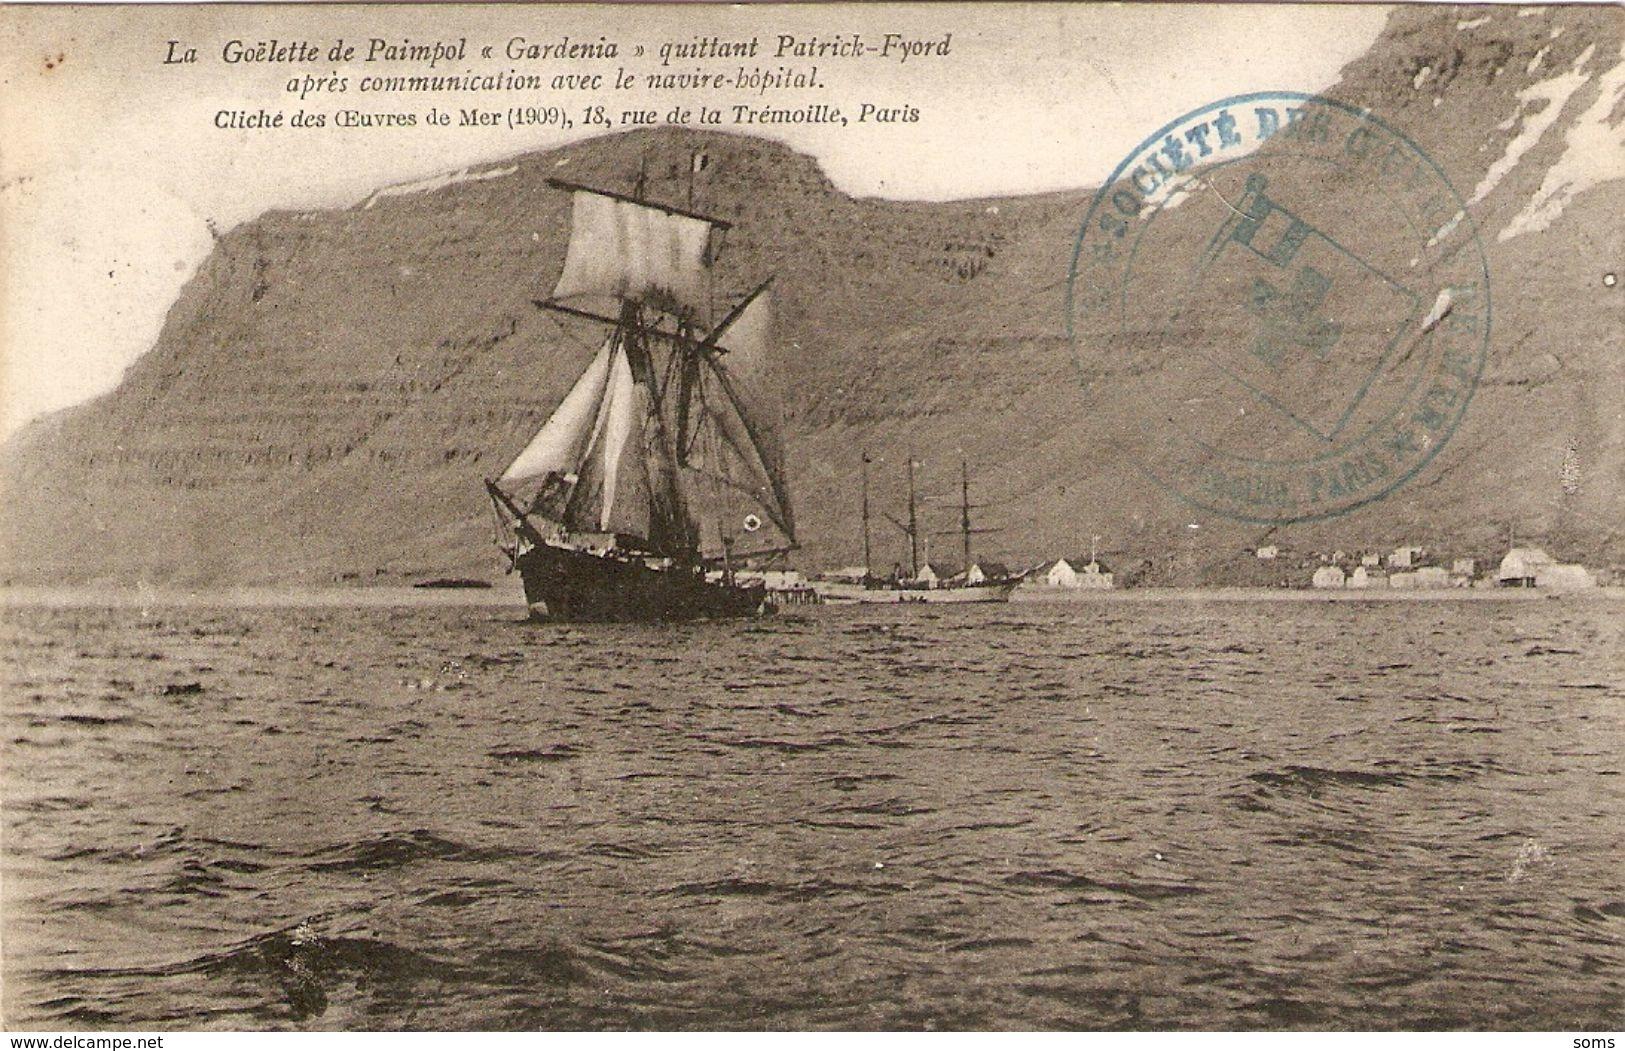 """La Goélette De Paimpol """"Gardenia"""" Quittant Patrick-Fyord, Cliché  + Tampon Des Oeuvres De La Mer, 1909 - Segelboote"""